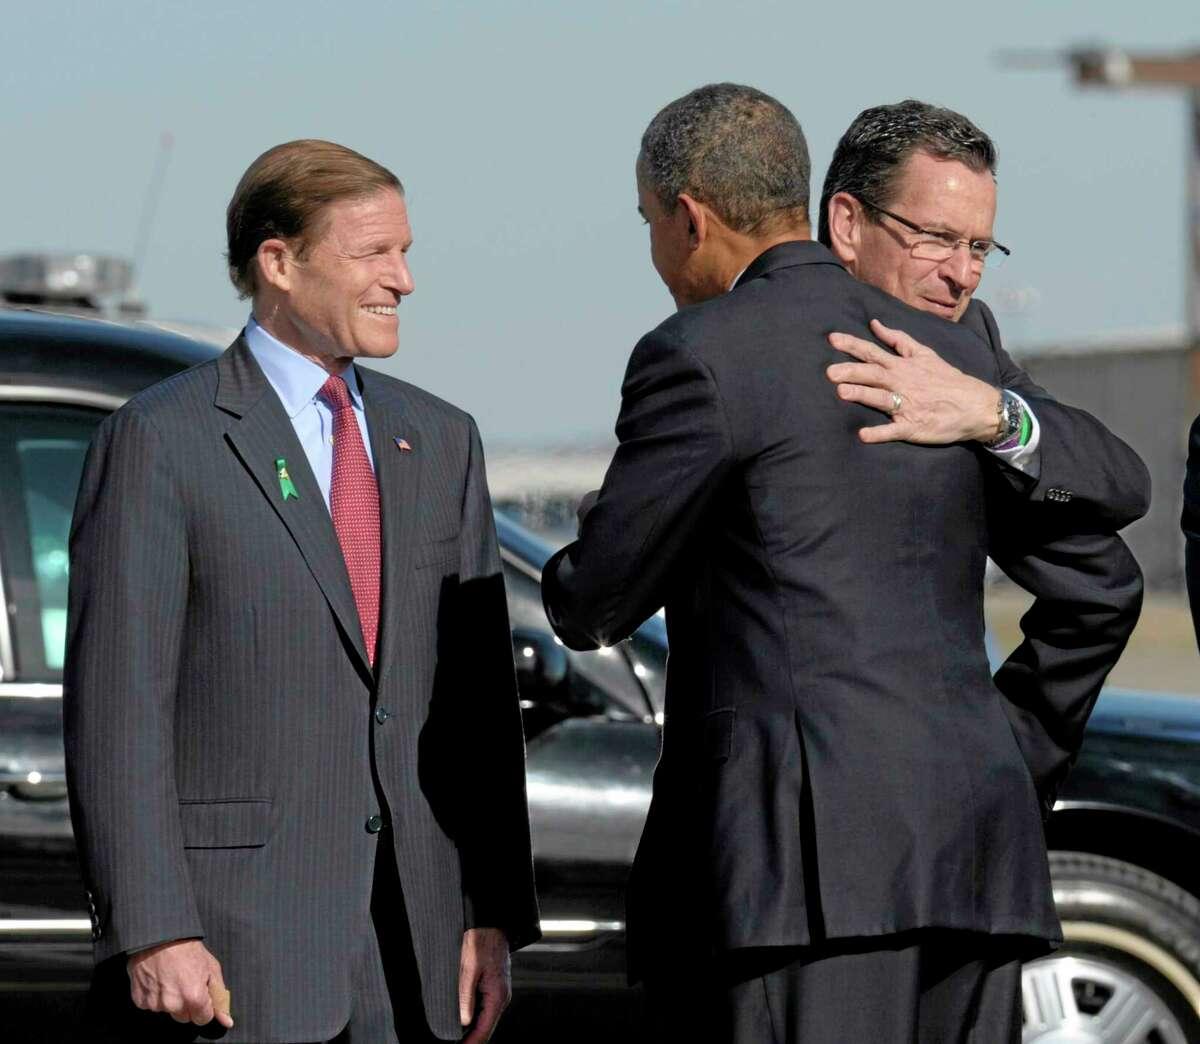 President Barack Obama hugs Connecticut Gov. Dannel P. Malloy, accompanied by Sen. Richard Blumenthal, D-Conn., left, after Obama arrived at Bradley Air Force Base, Conn. on April 8, 2013.